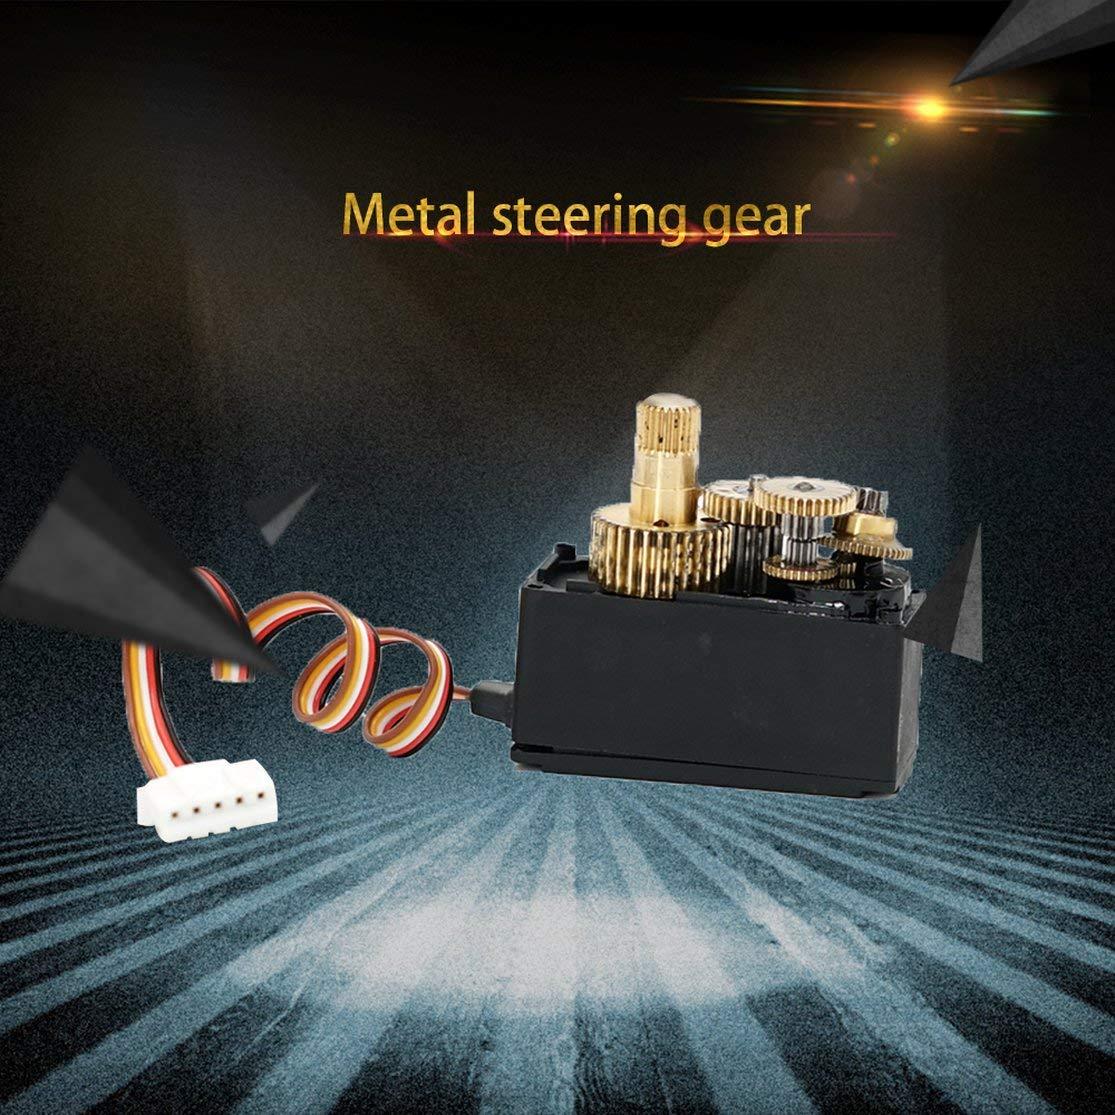 Candybarbar CA3445 para Wltoys Mejorado 25g Metal Gear Servos para Wltoys 12428 12423 RC Coche Equipo de direcci/ón Modelo Parte Accesorios